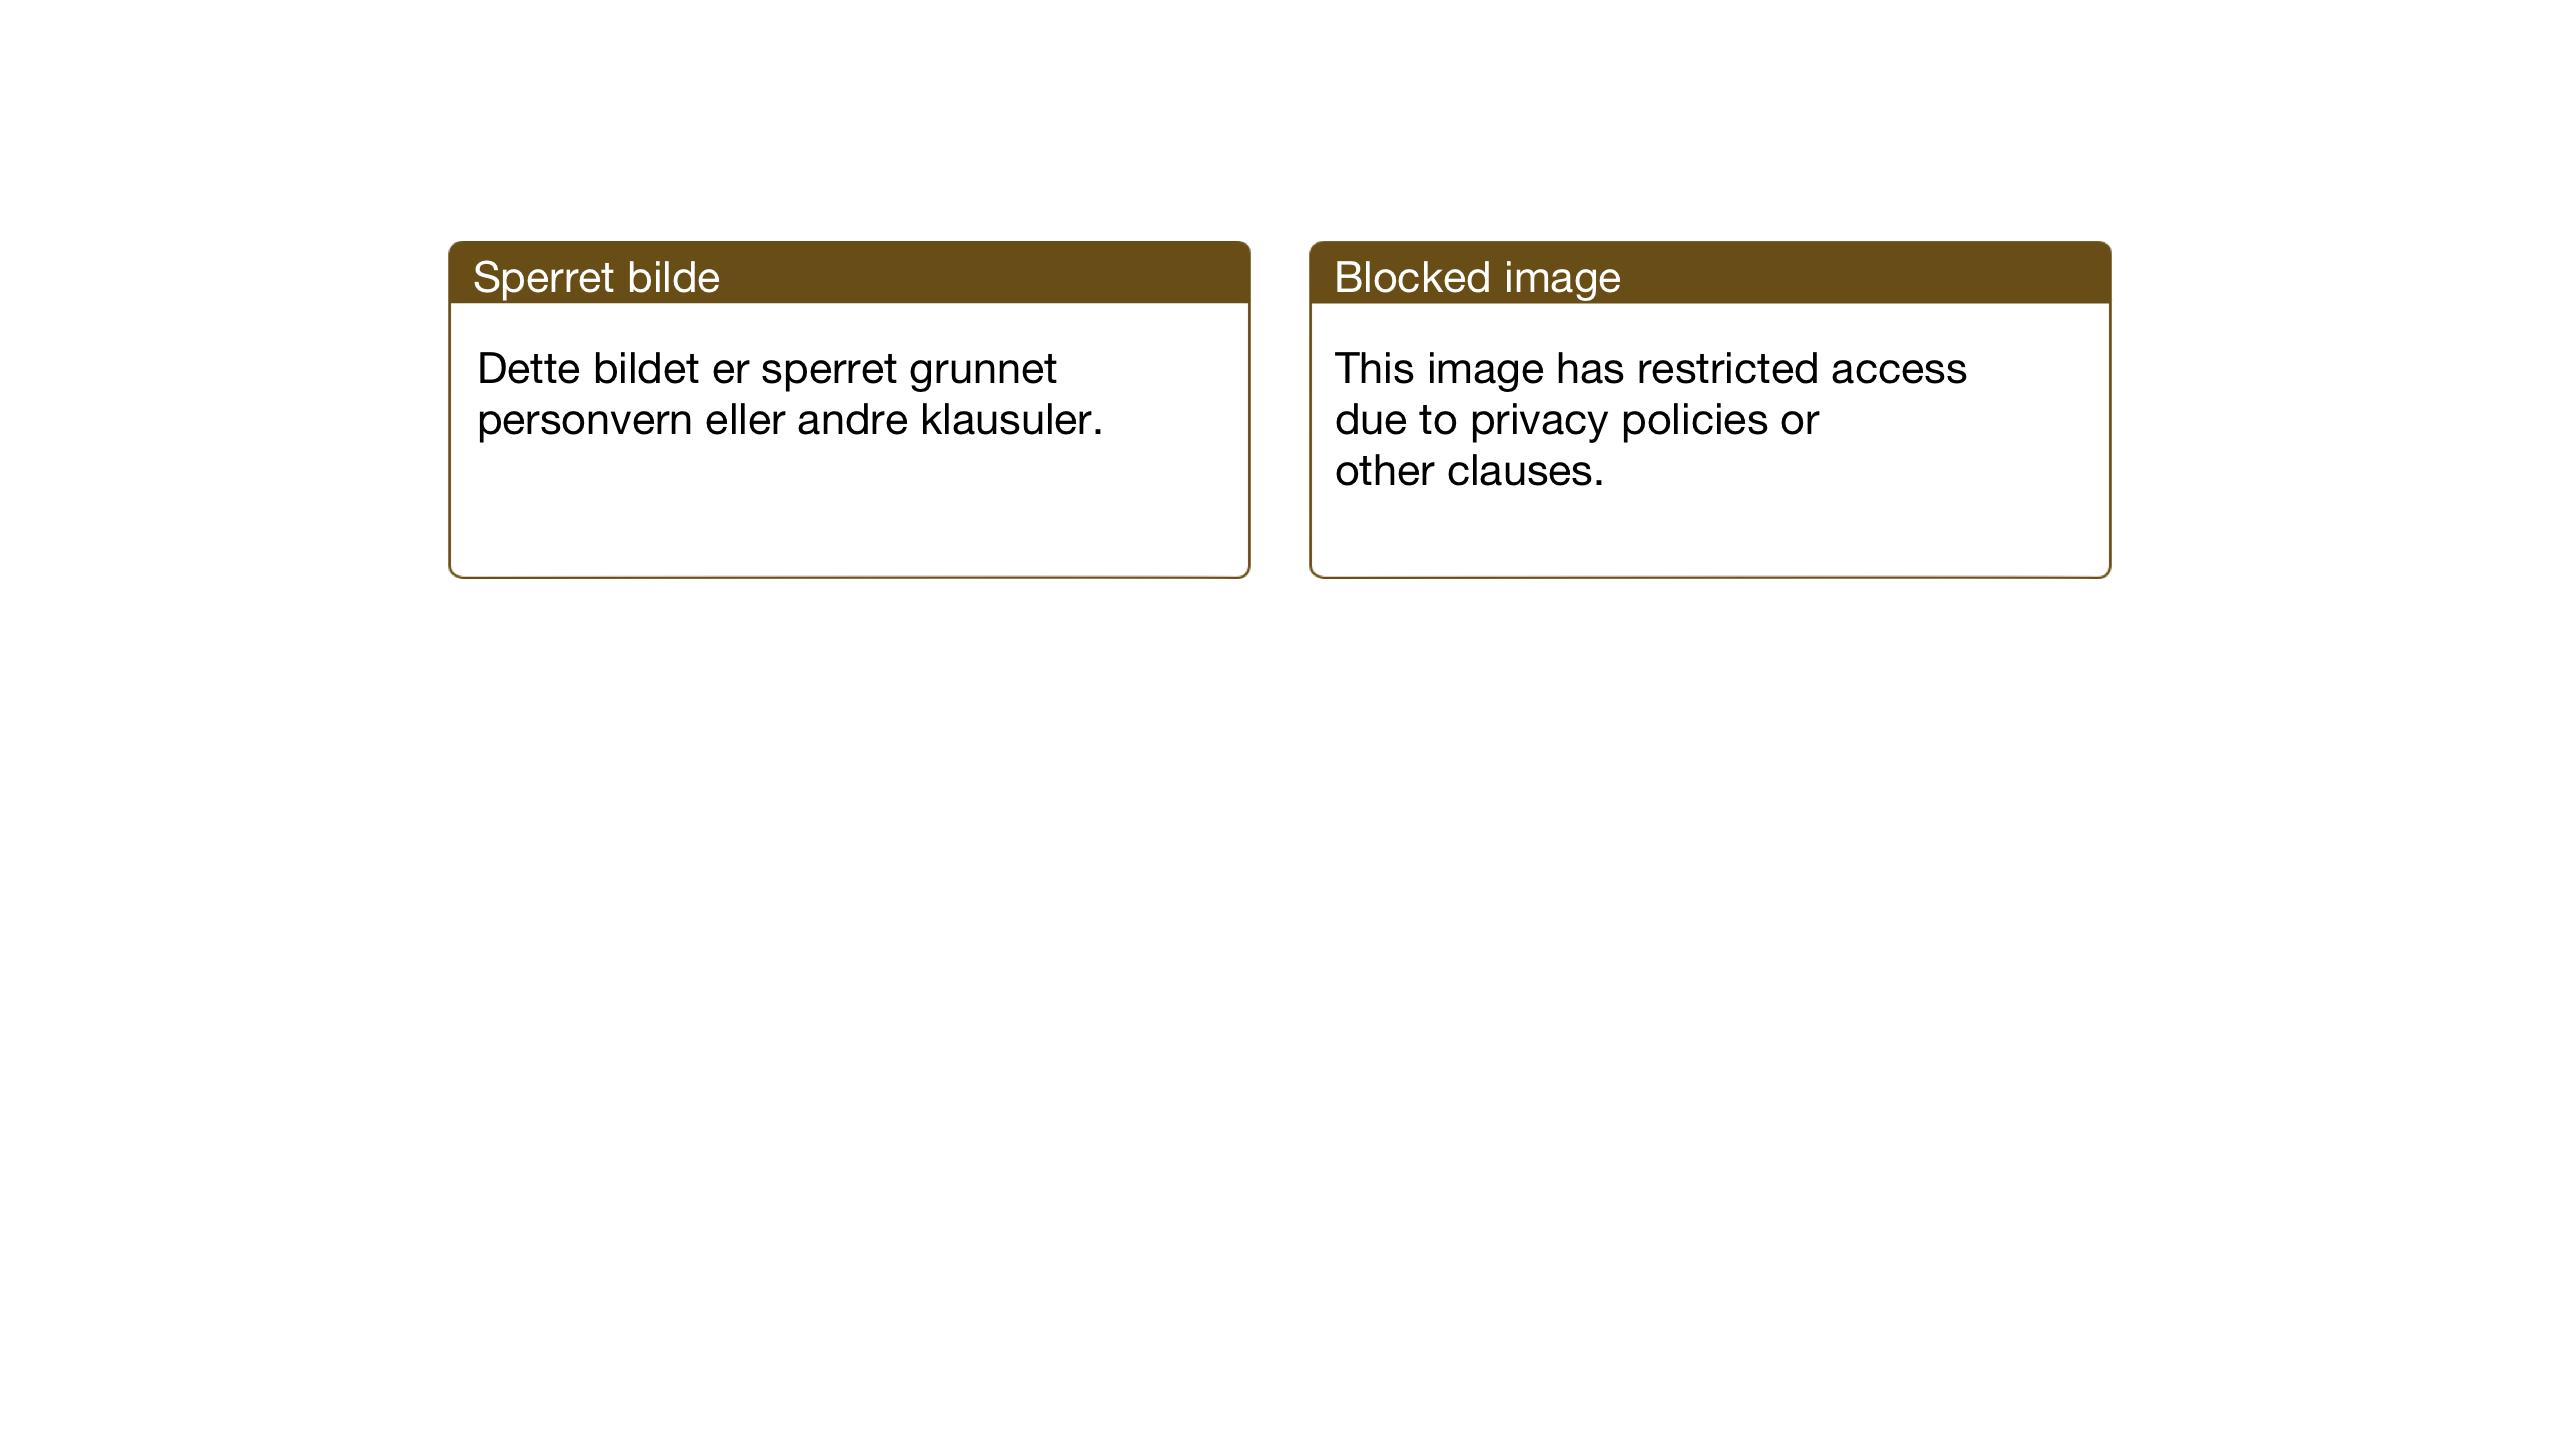 SAT, Ministerialprotokoller, klokkerbøker og fødselsregistre - Sør-Trøndelag, 606/L0314: Klokkerbok nr. 606C10, 1911-1937, s. 115